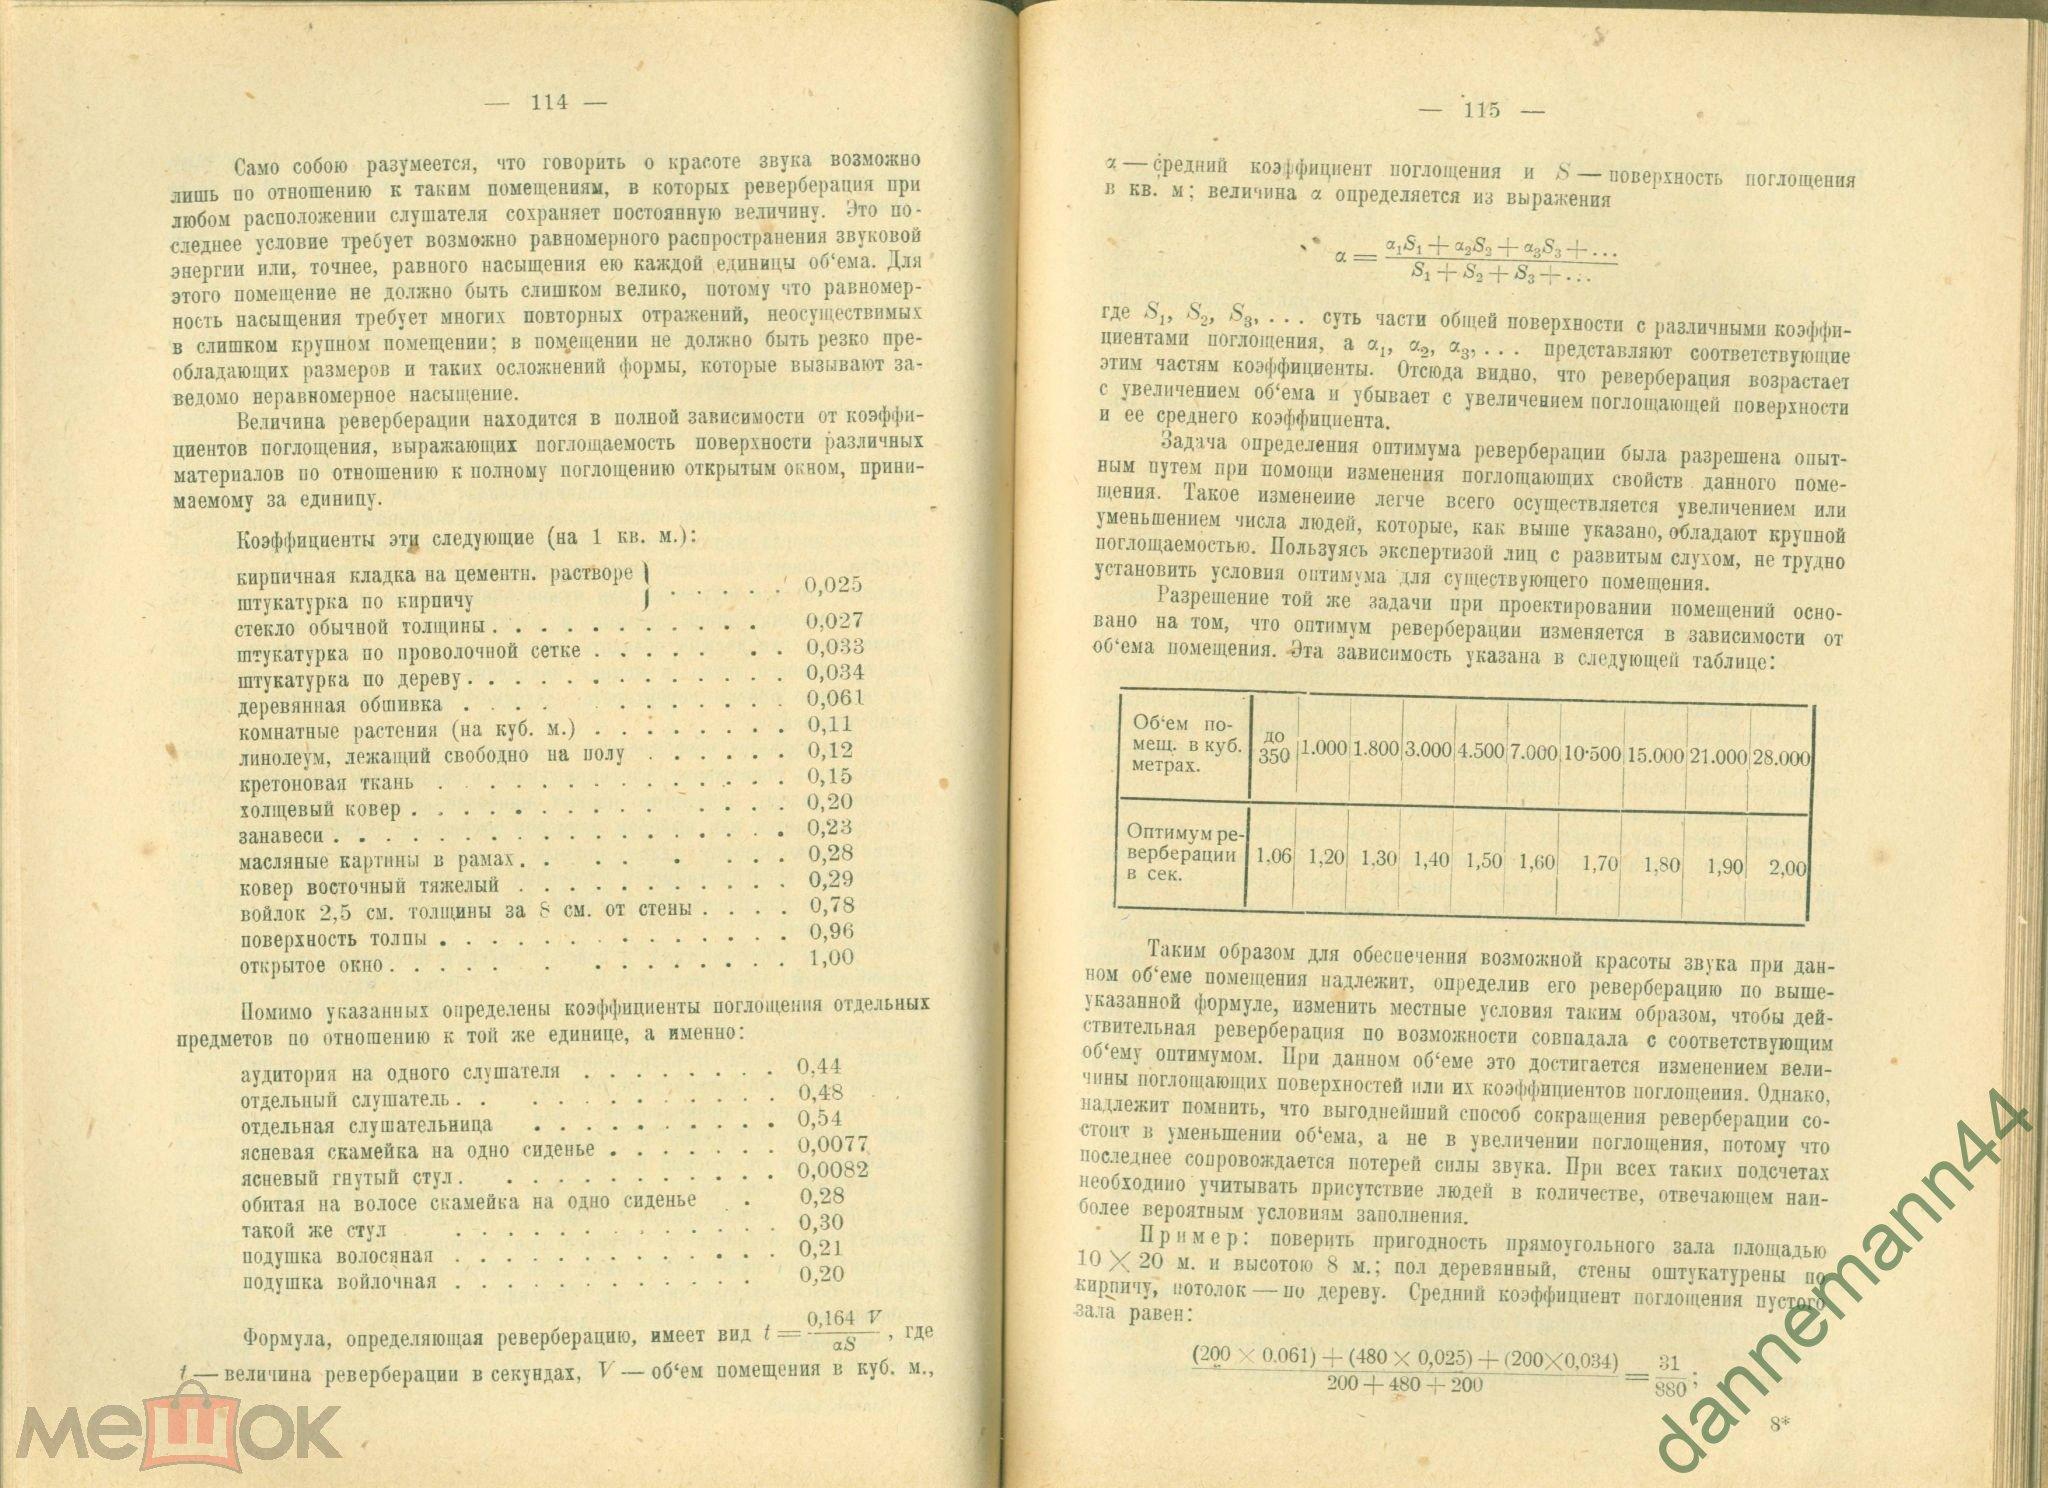 КНИГА ПЛАНИРОВКА УСТРОЙСТВО И ОБОРУДОВАНИЯ ЗДАНИЙ 1927 года. РЕДКОСТЬ. ОТЛИЧНЫЙ СОХРАН.